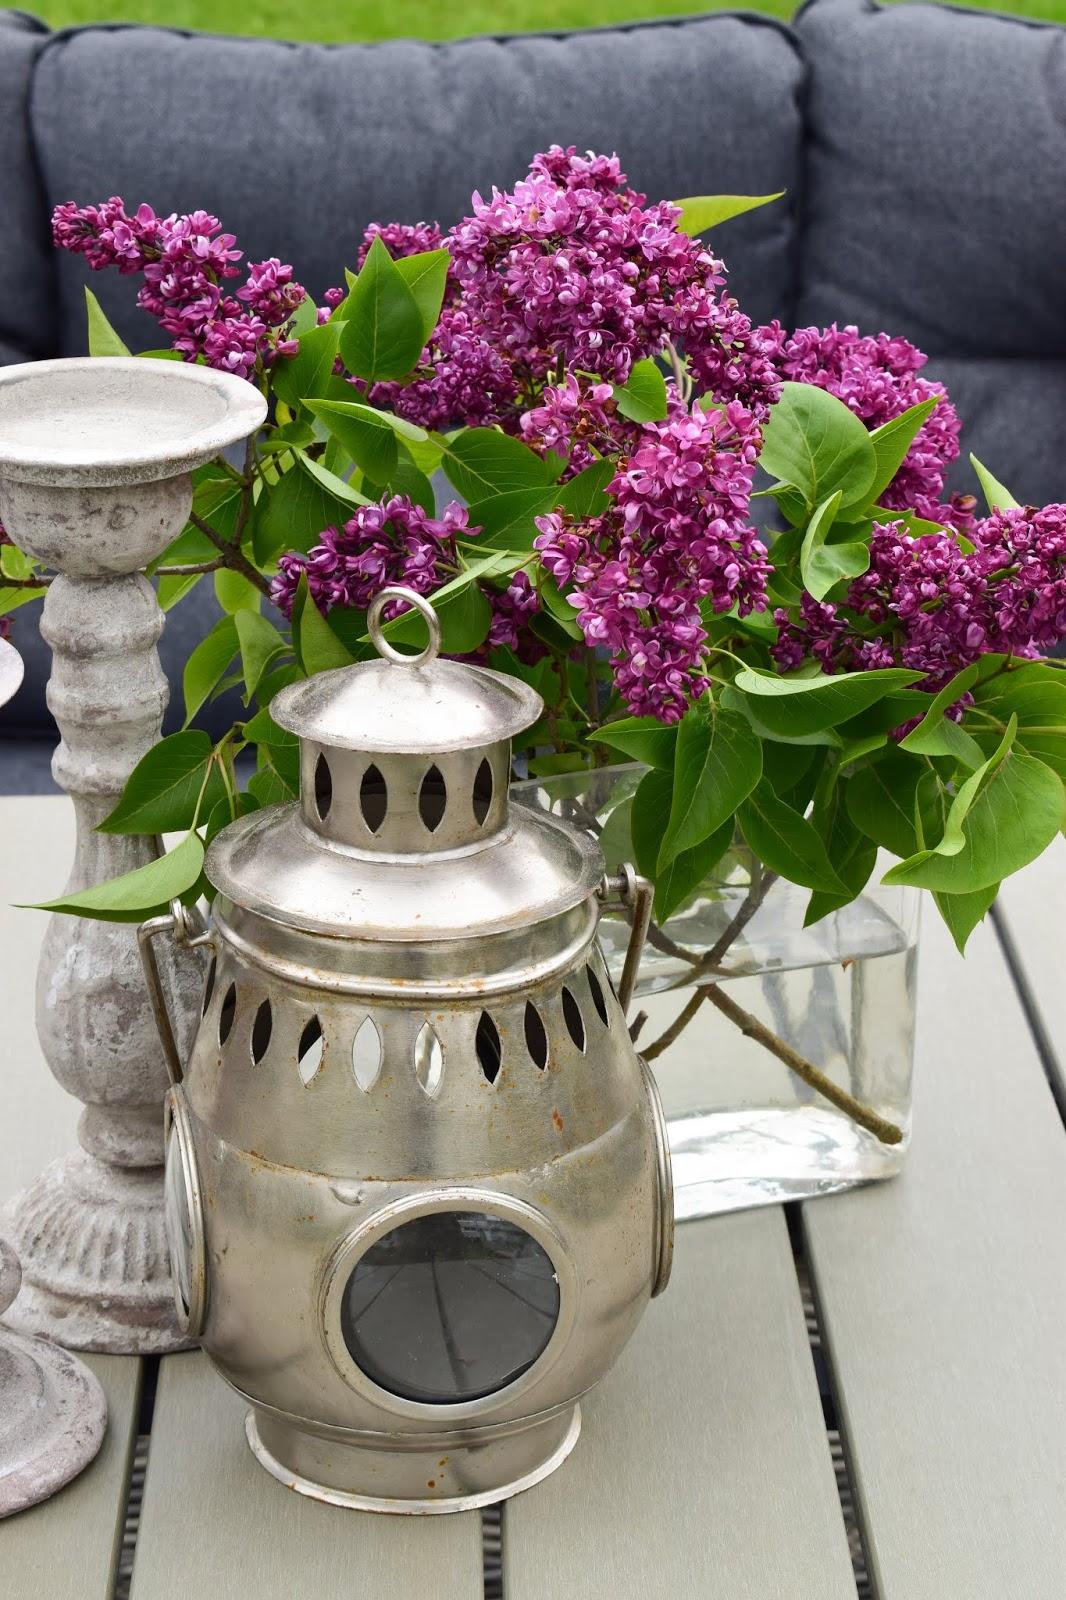 Deko mit Flieder für deinen Gartentisch. Dekoidee Garten Outdoor Möbel mit Flieder Laterne Kerzenständer. Naturdeko